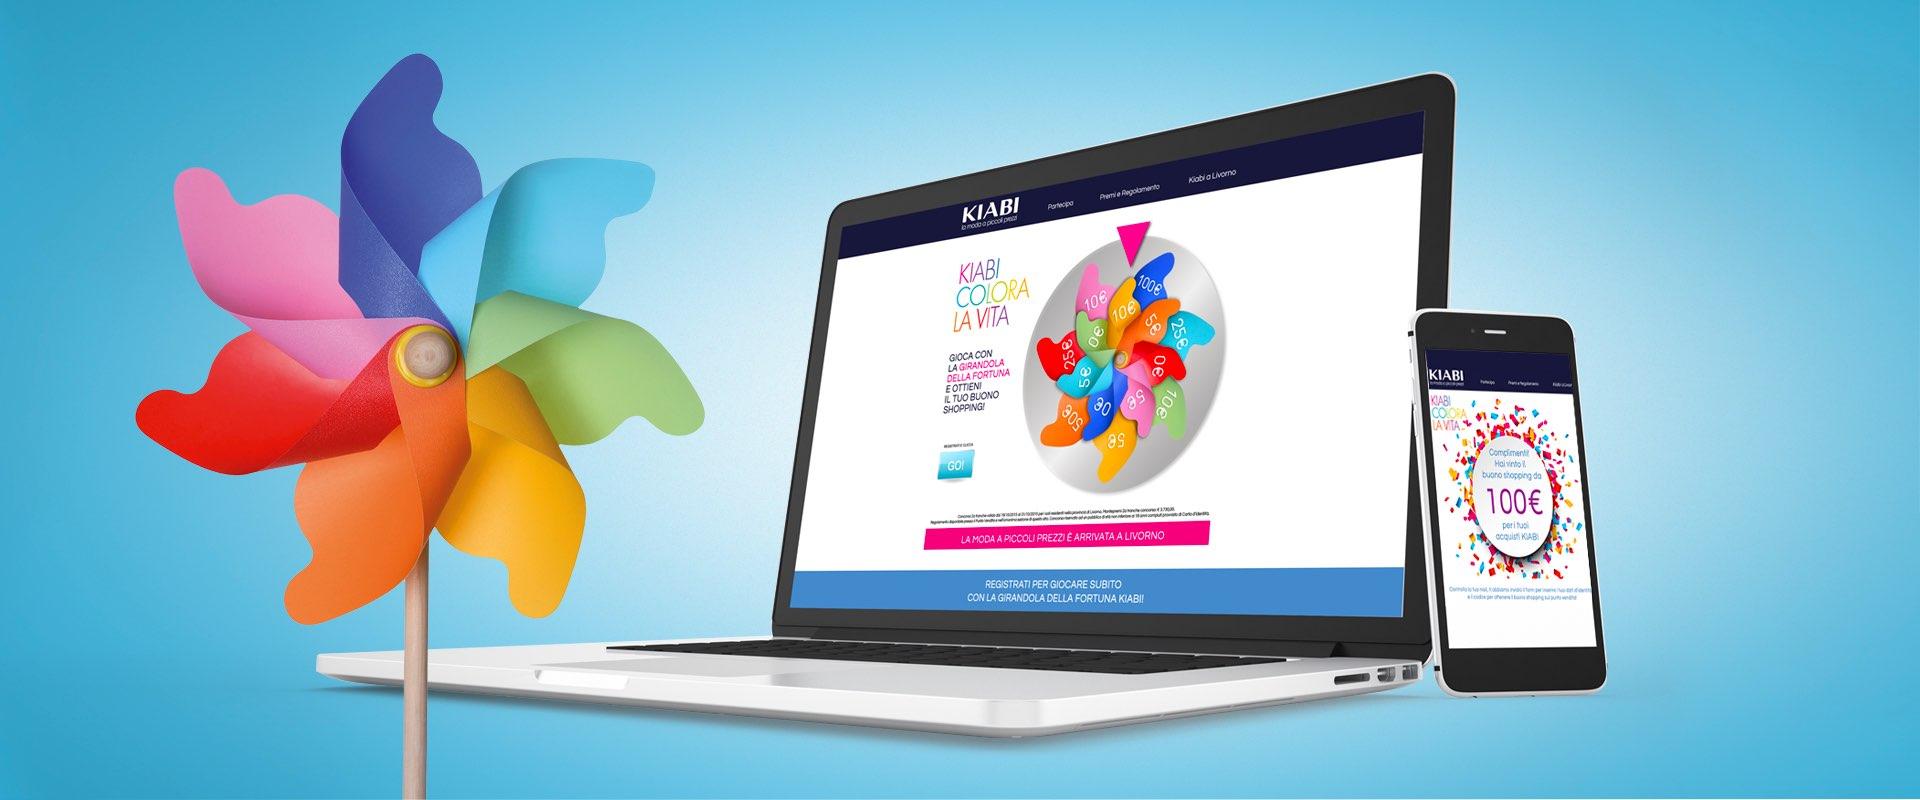 web design edigital activation concorso online Kiabi